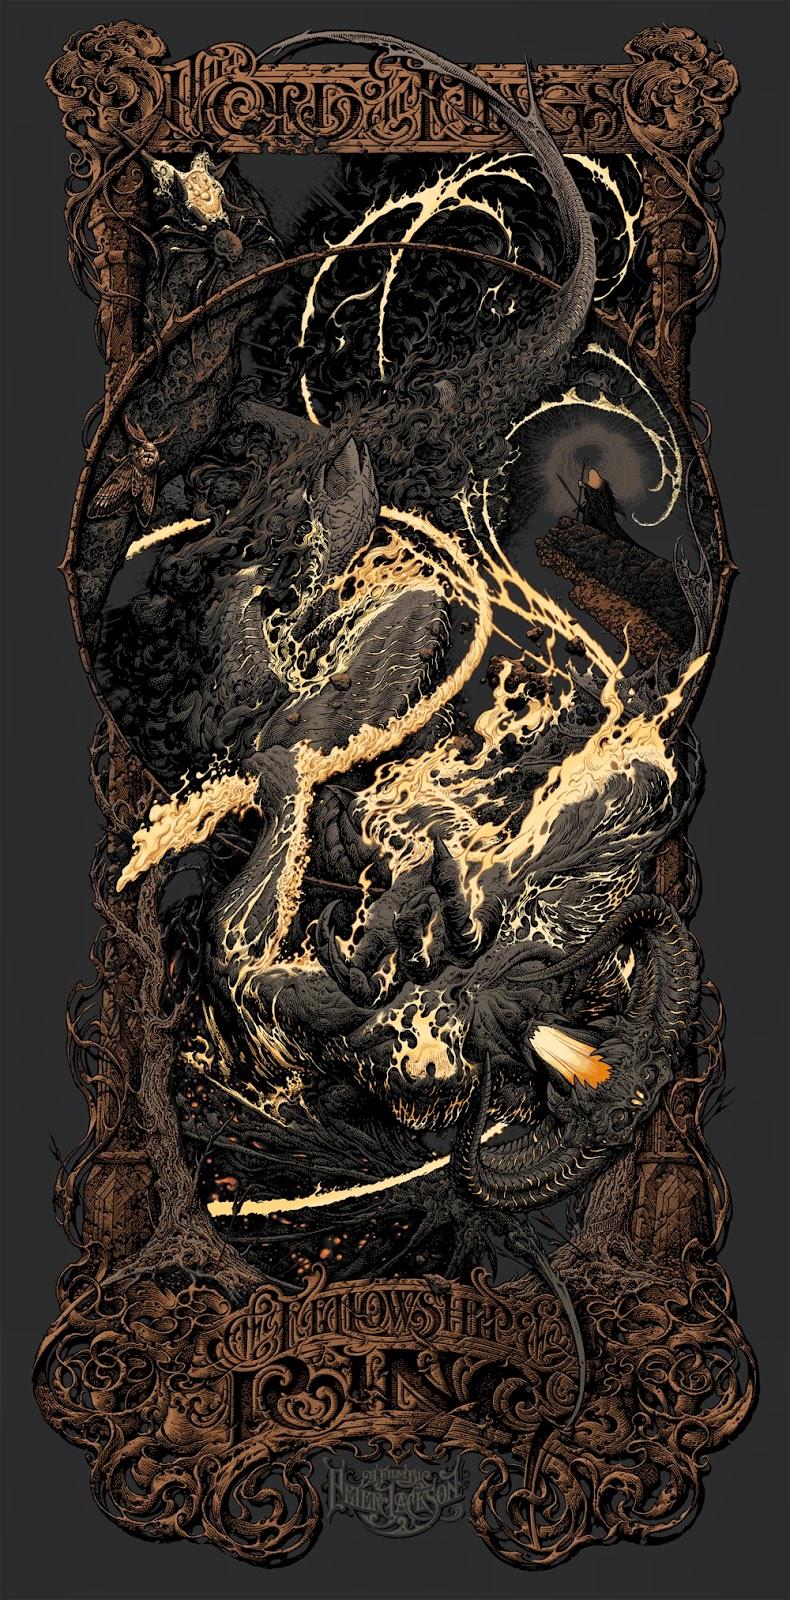 Fellowship Of The Ring Mondo Poster